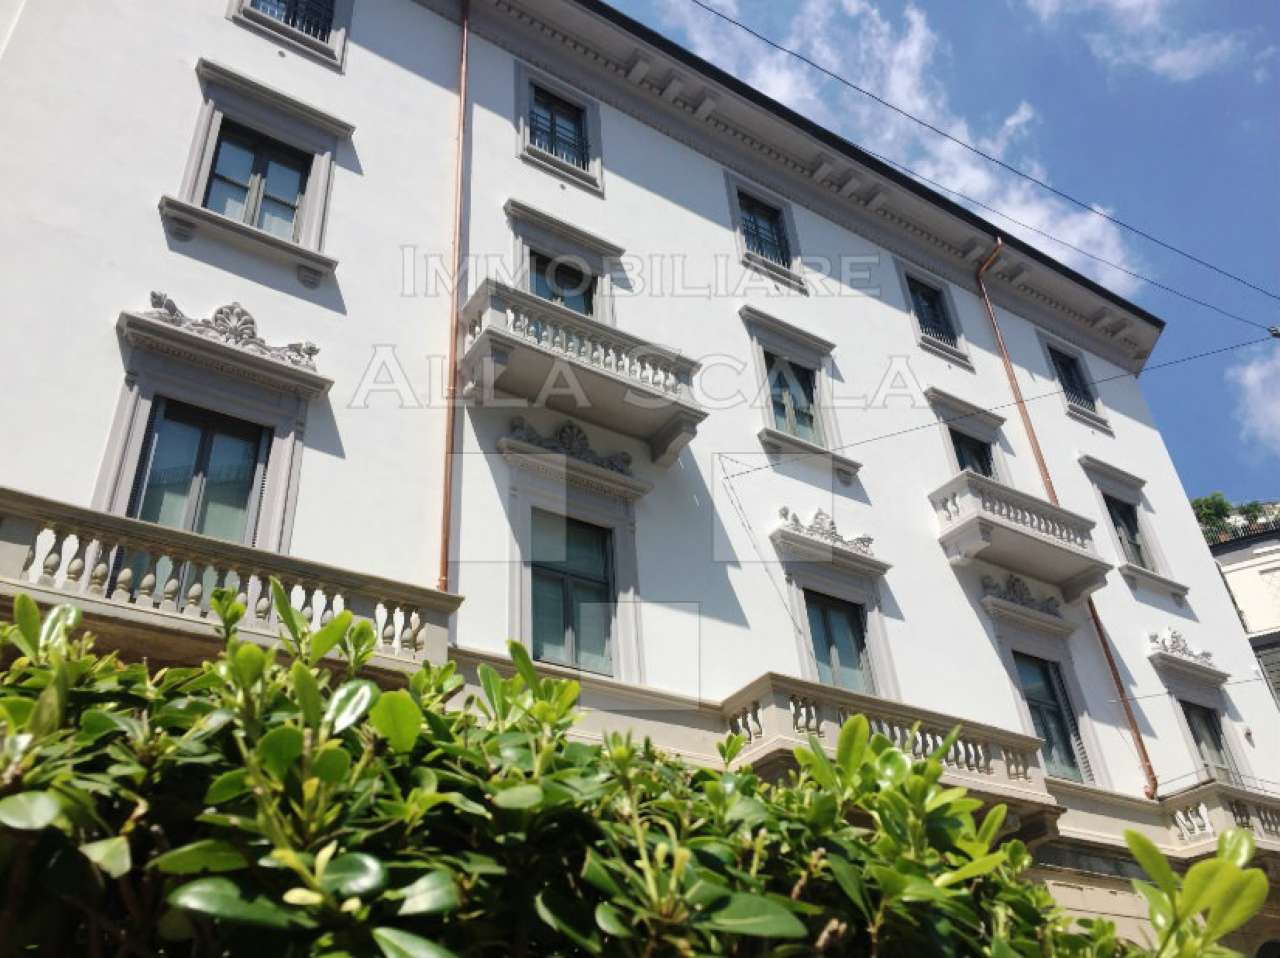 Appartamento in vendita a Milano, 5 locali, zona Zona: 1 . Centro Storico, Duomo, Brera, Cadorna, Cattolica, prezzo € 1.690.000   CambioCasa.it